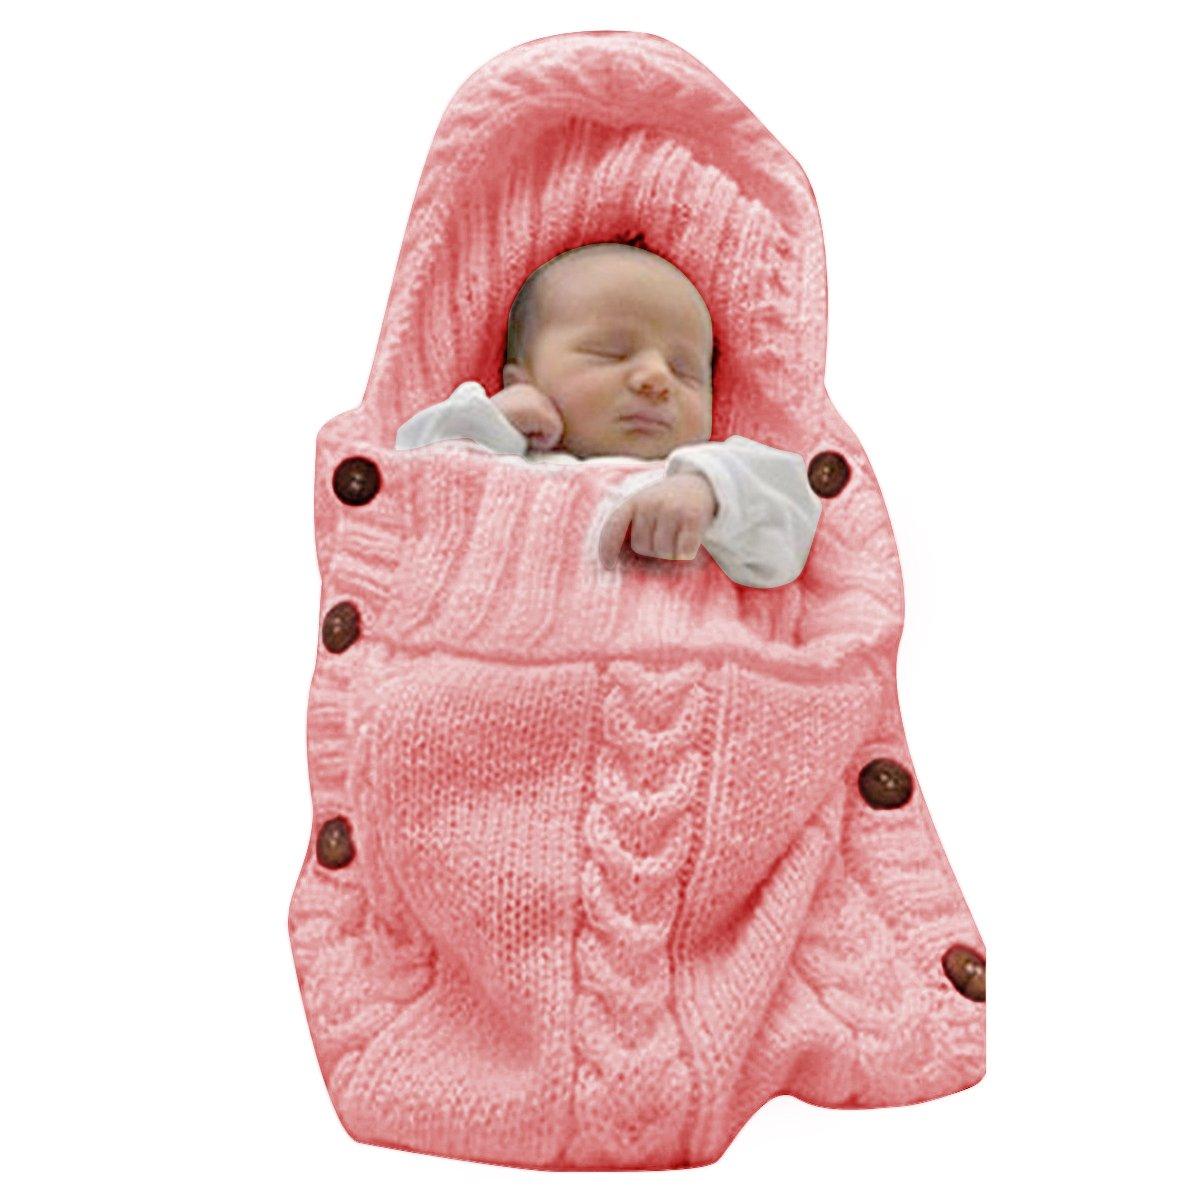 XMWEALTHY Newborn Baby Wrap